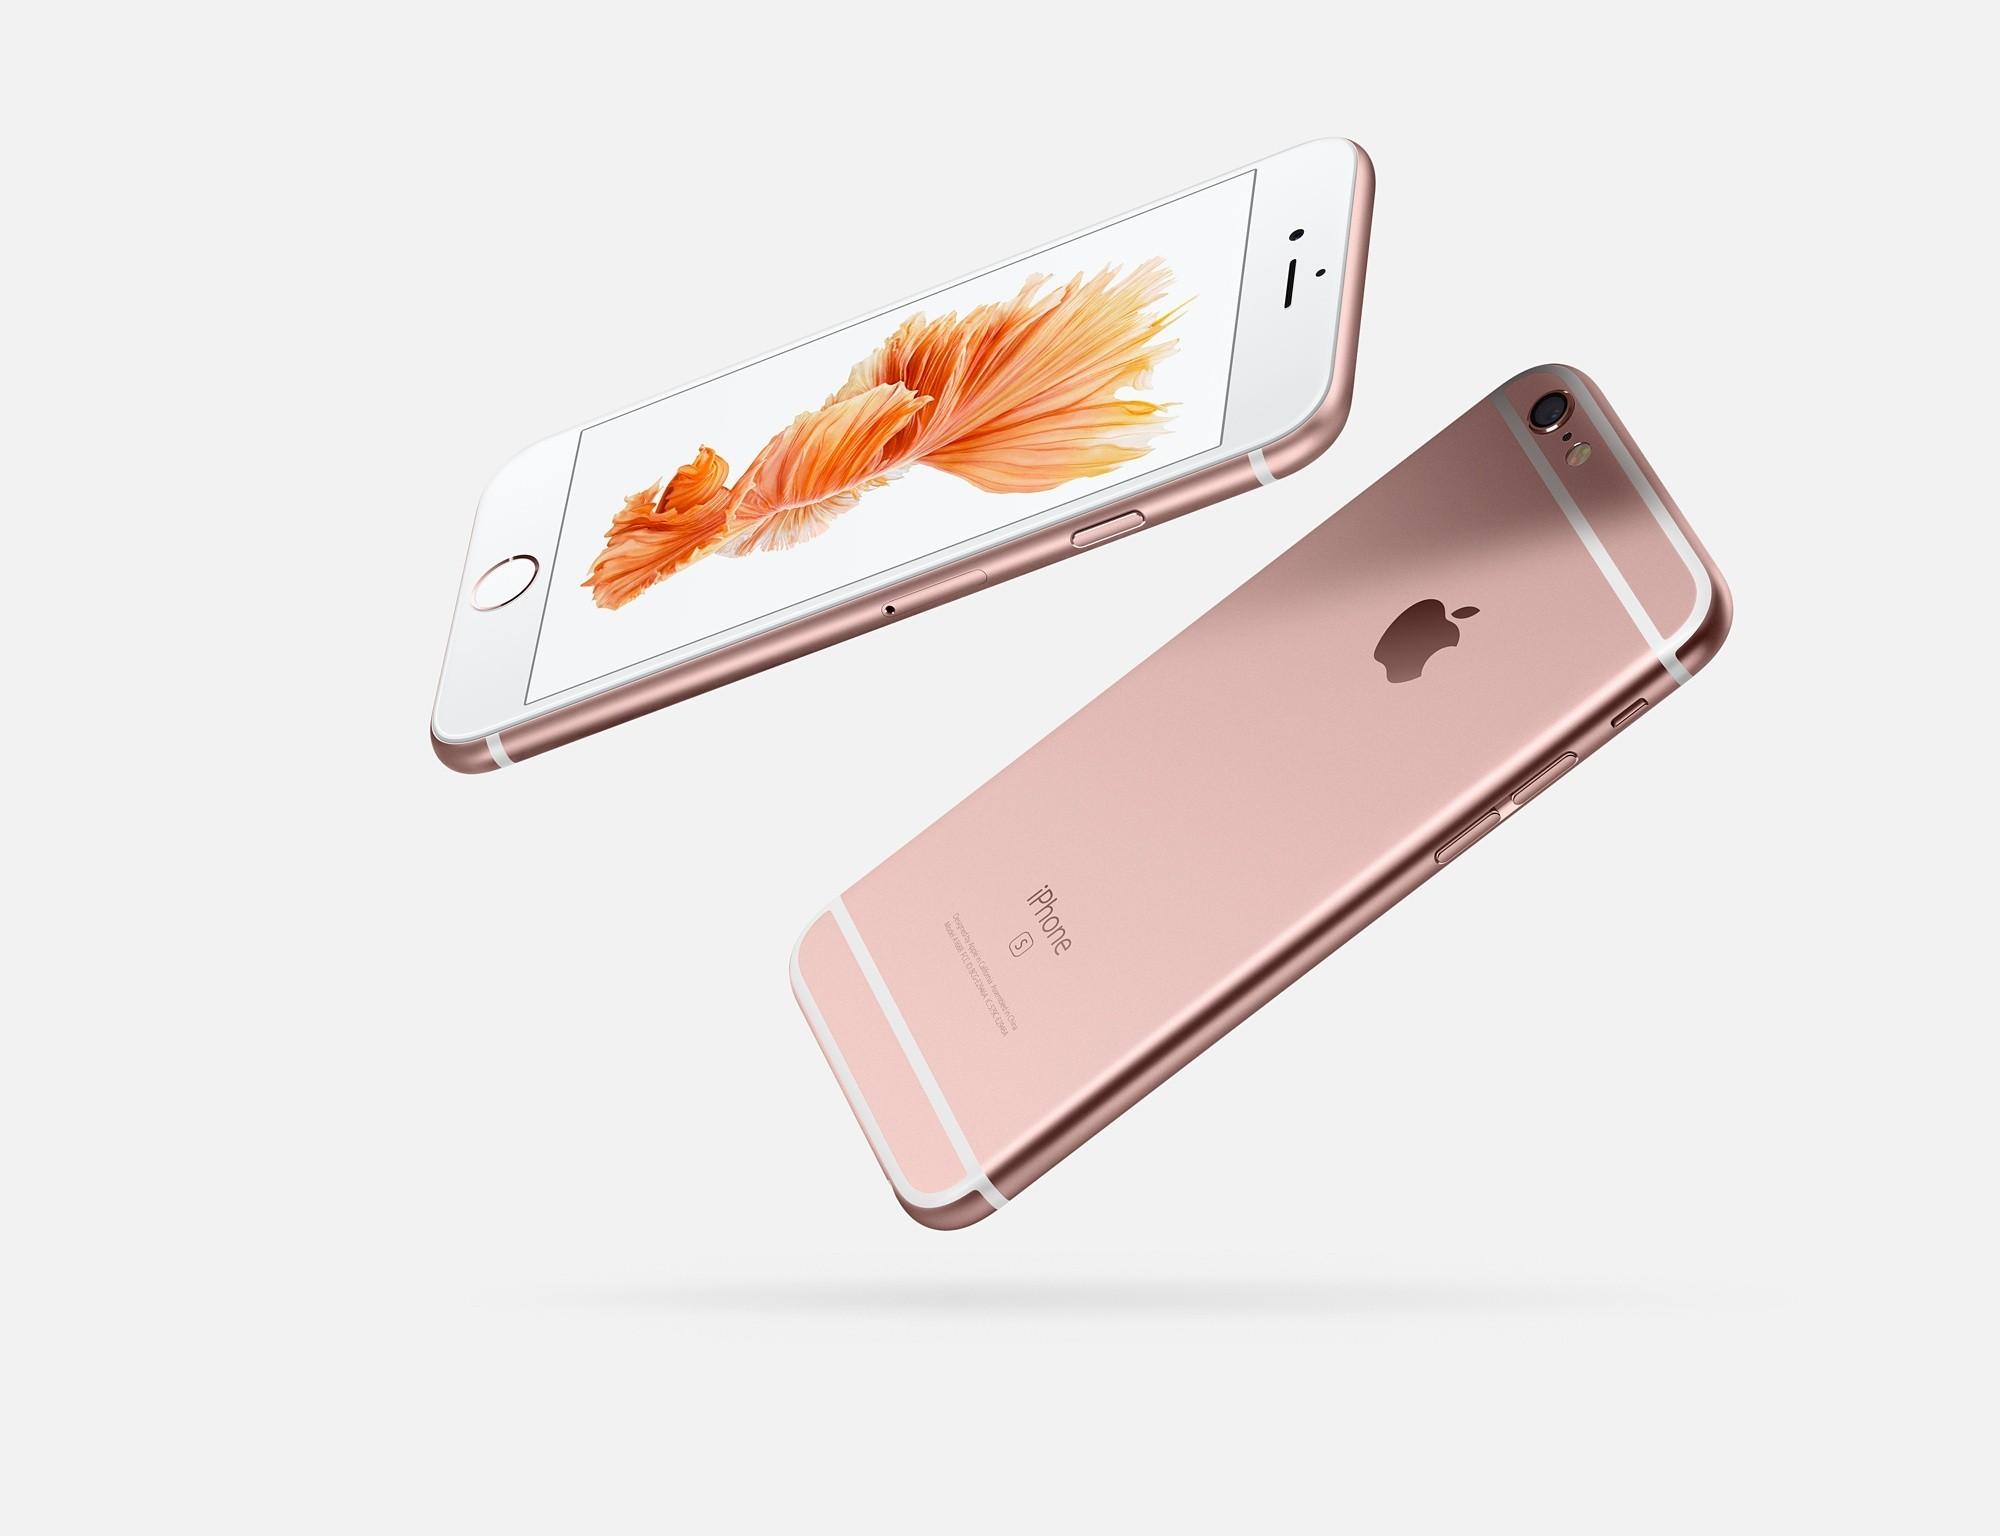 Lỗi pin trên iPhone 6s nghiêm trọng hơn Apple thừa nhận